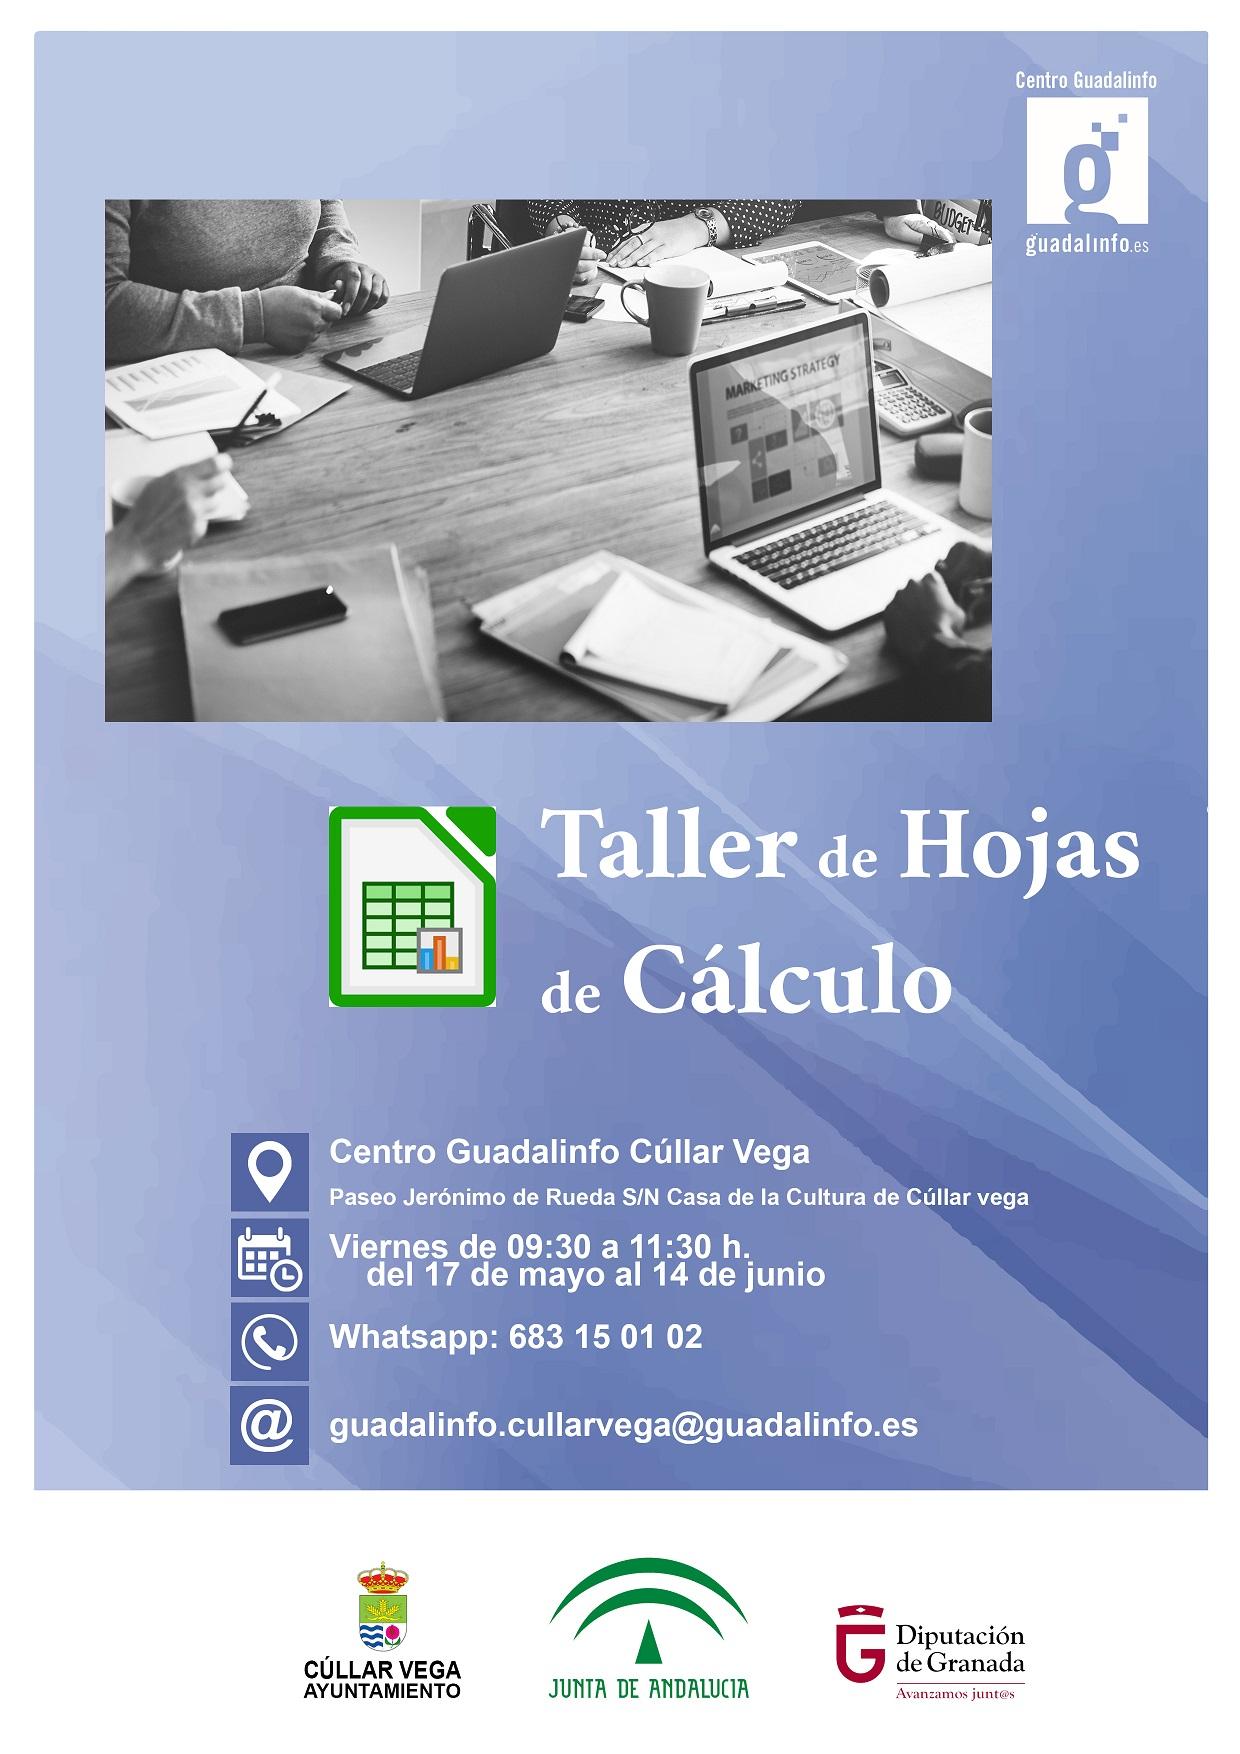 Taller de Hojas de Cálculo en Guadalinfo